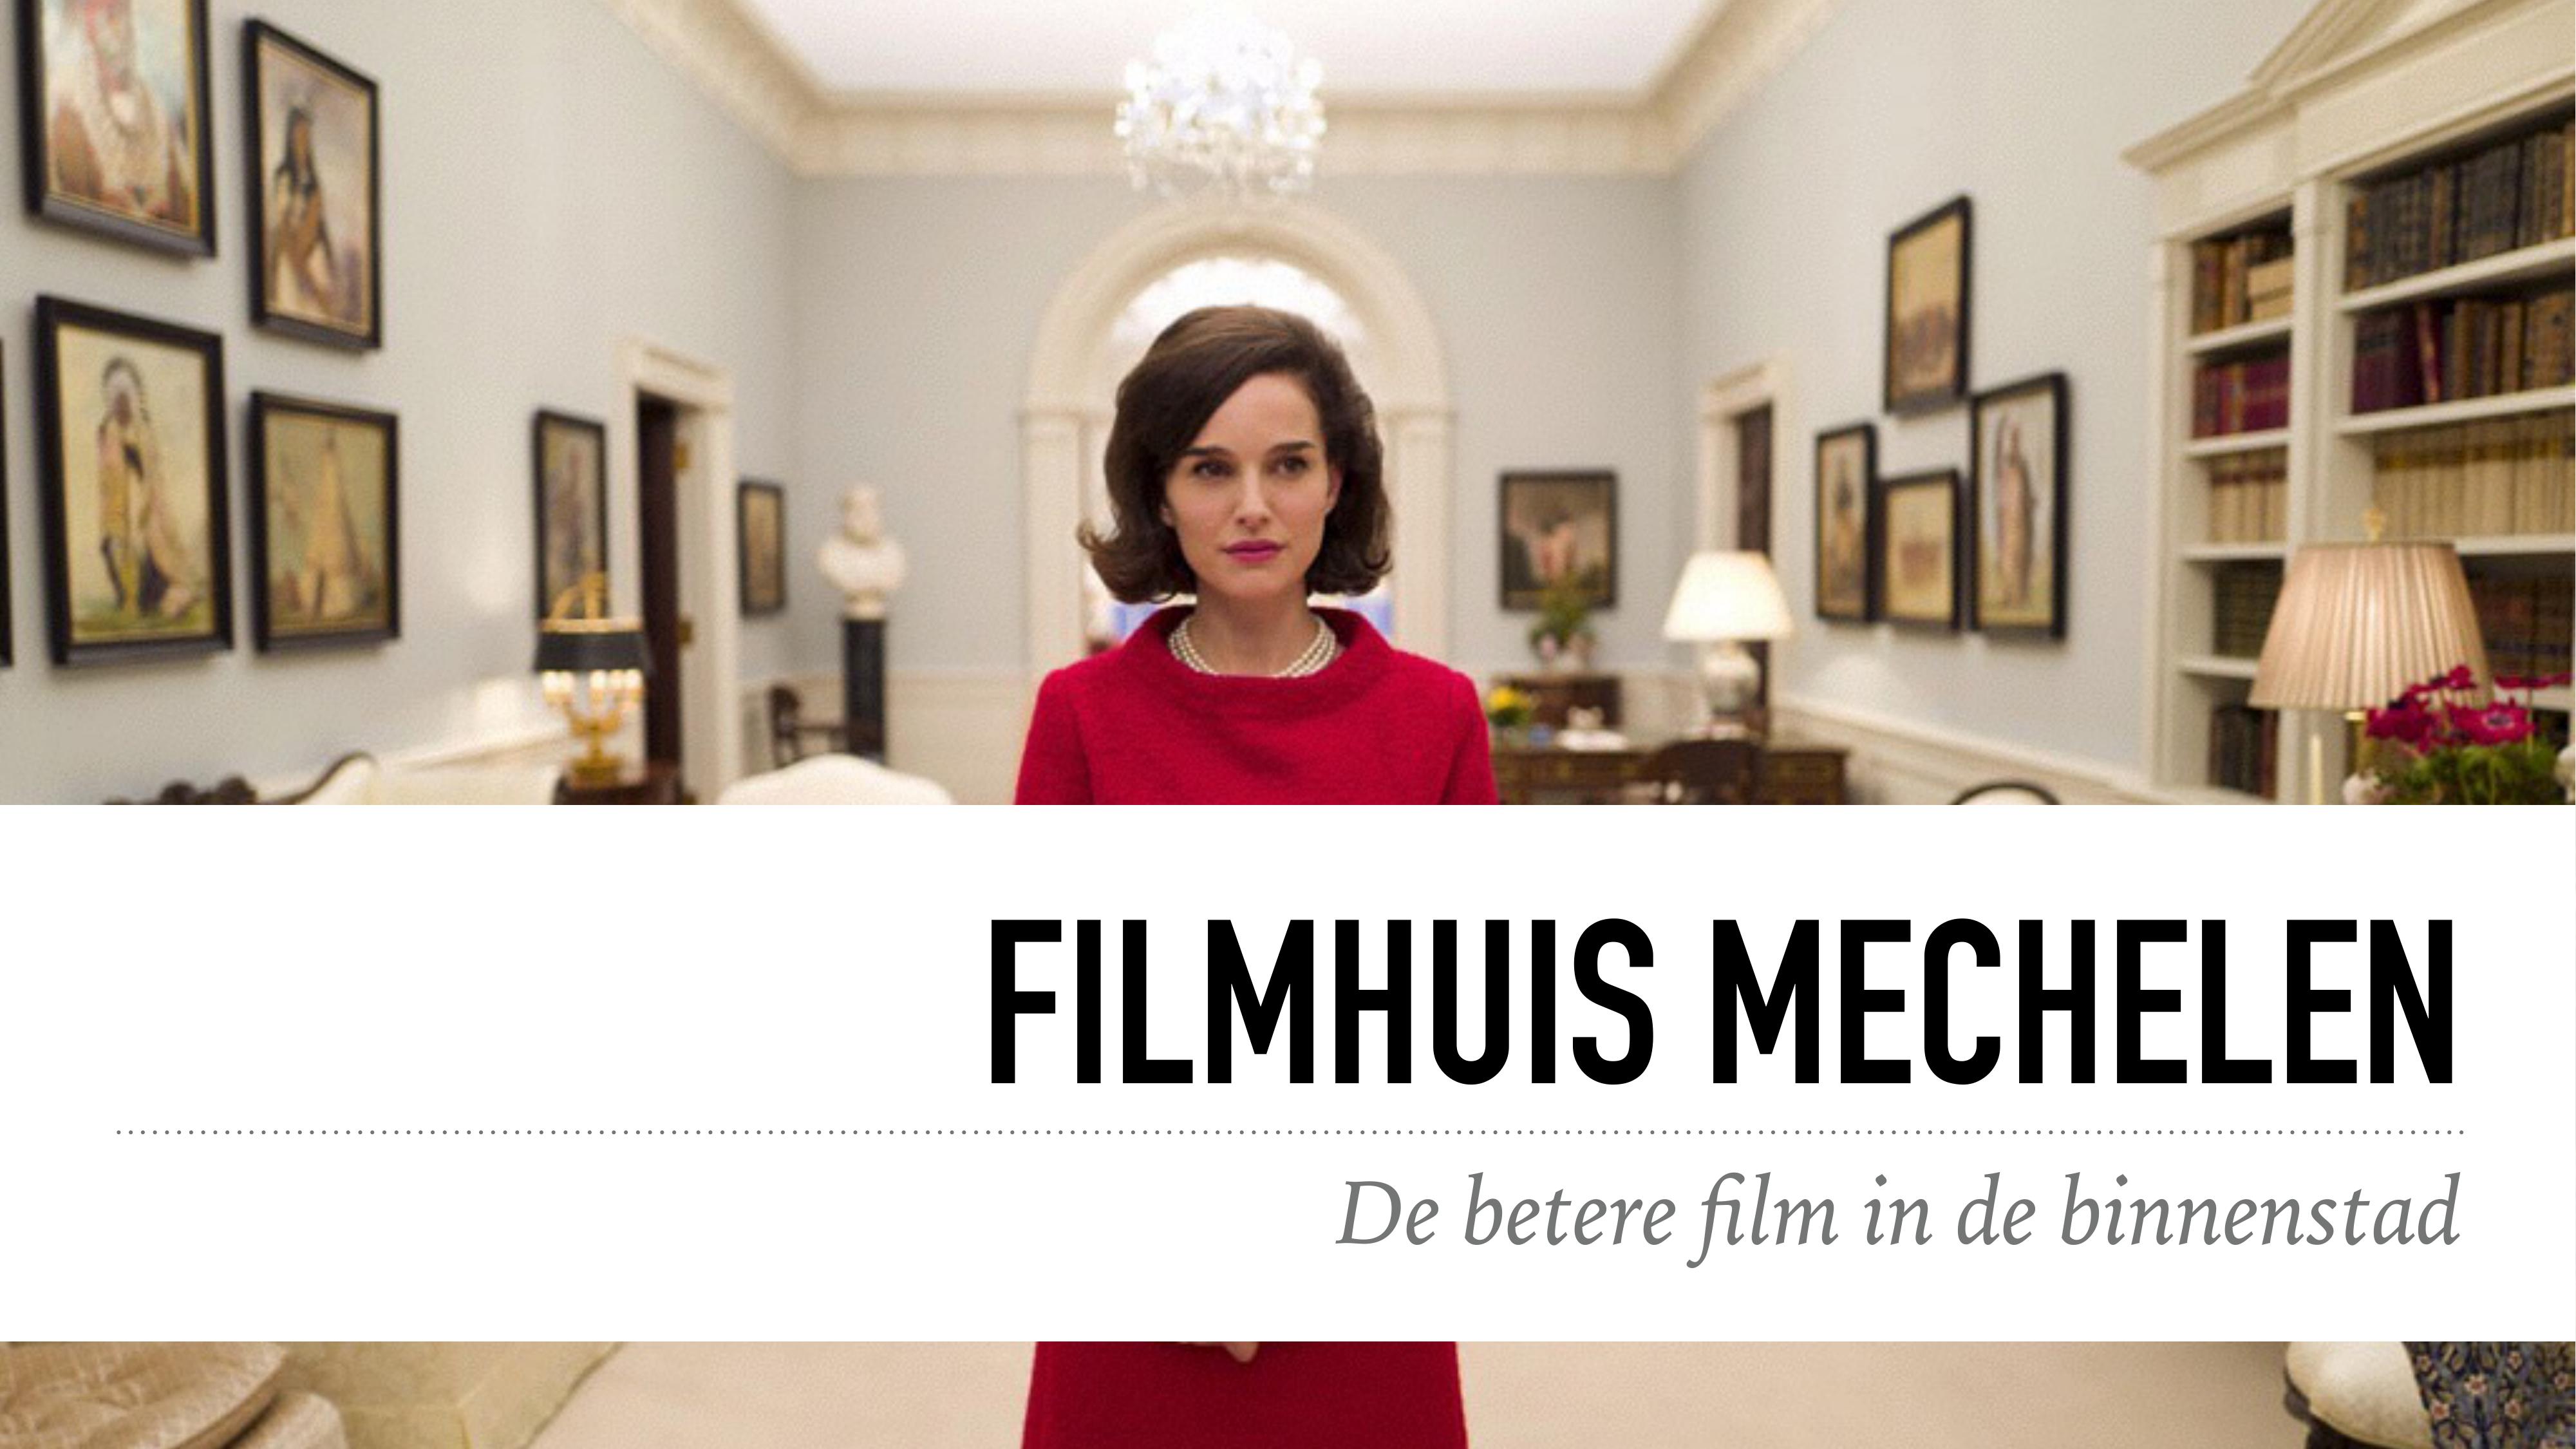 Filmhuis Mechelen